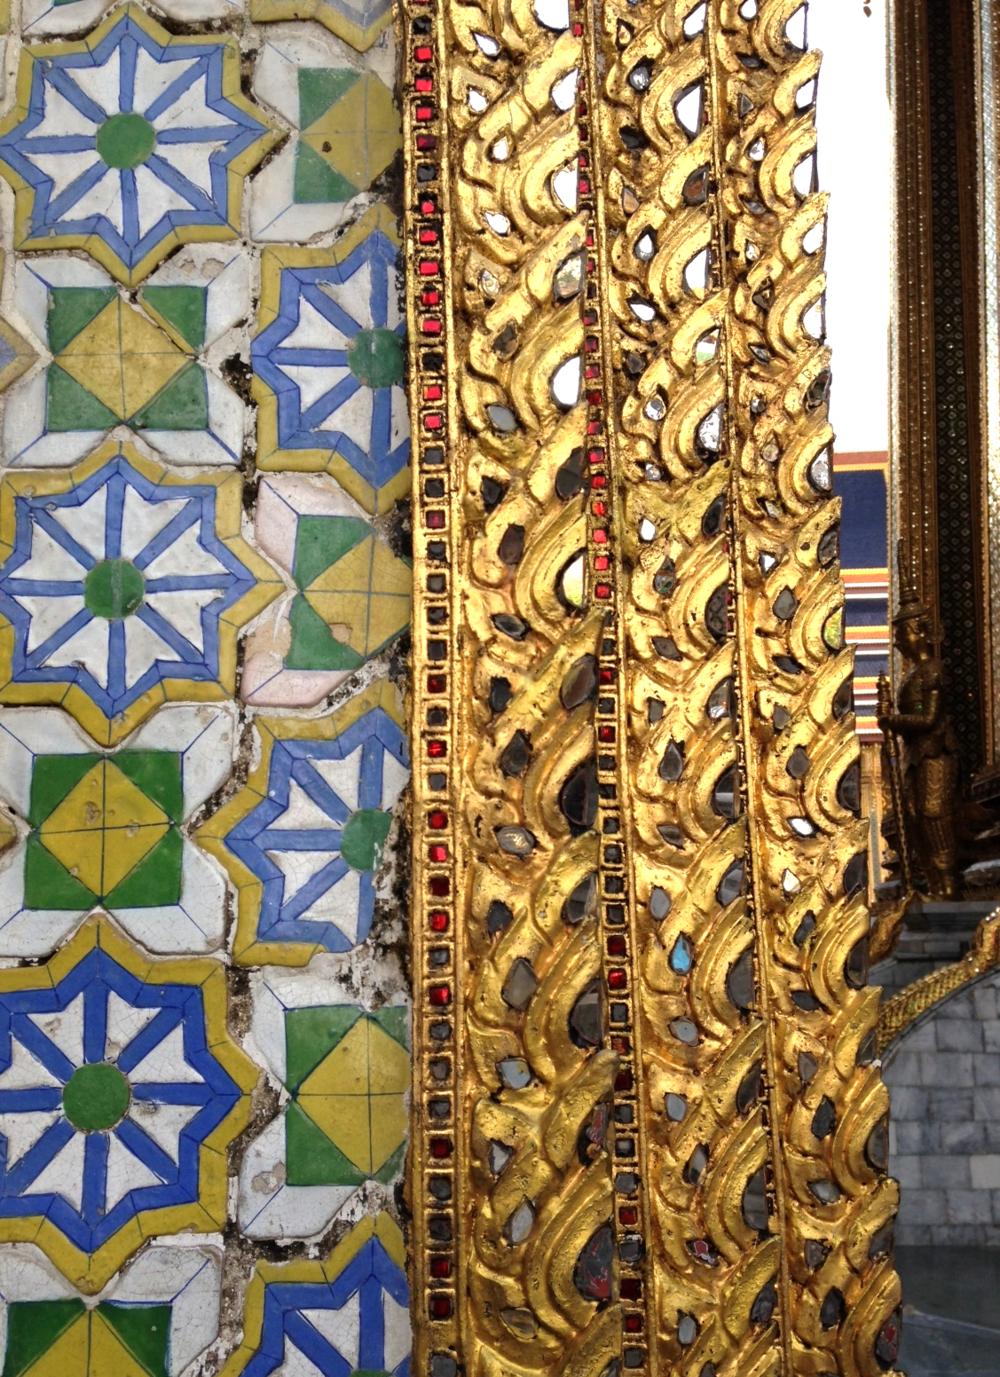 Mosaic detail at the Grand Palace, Bangkok